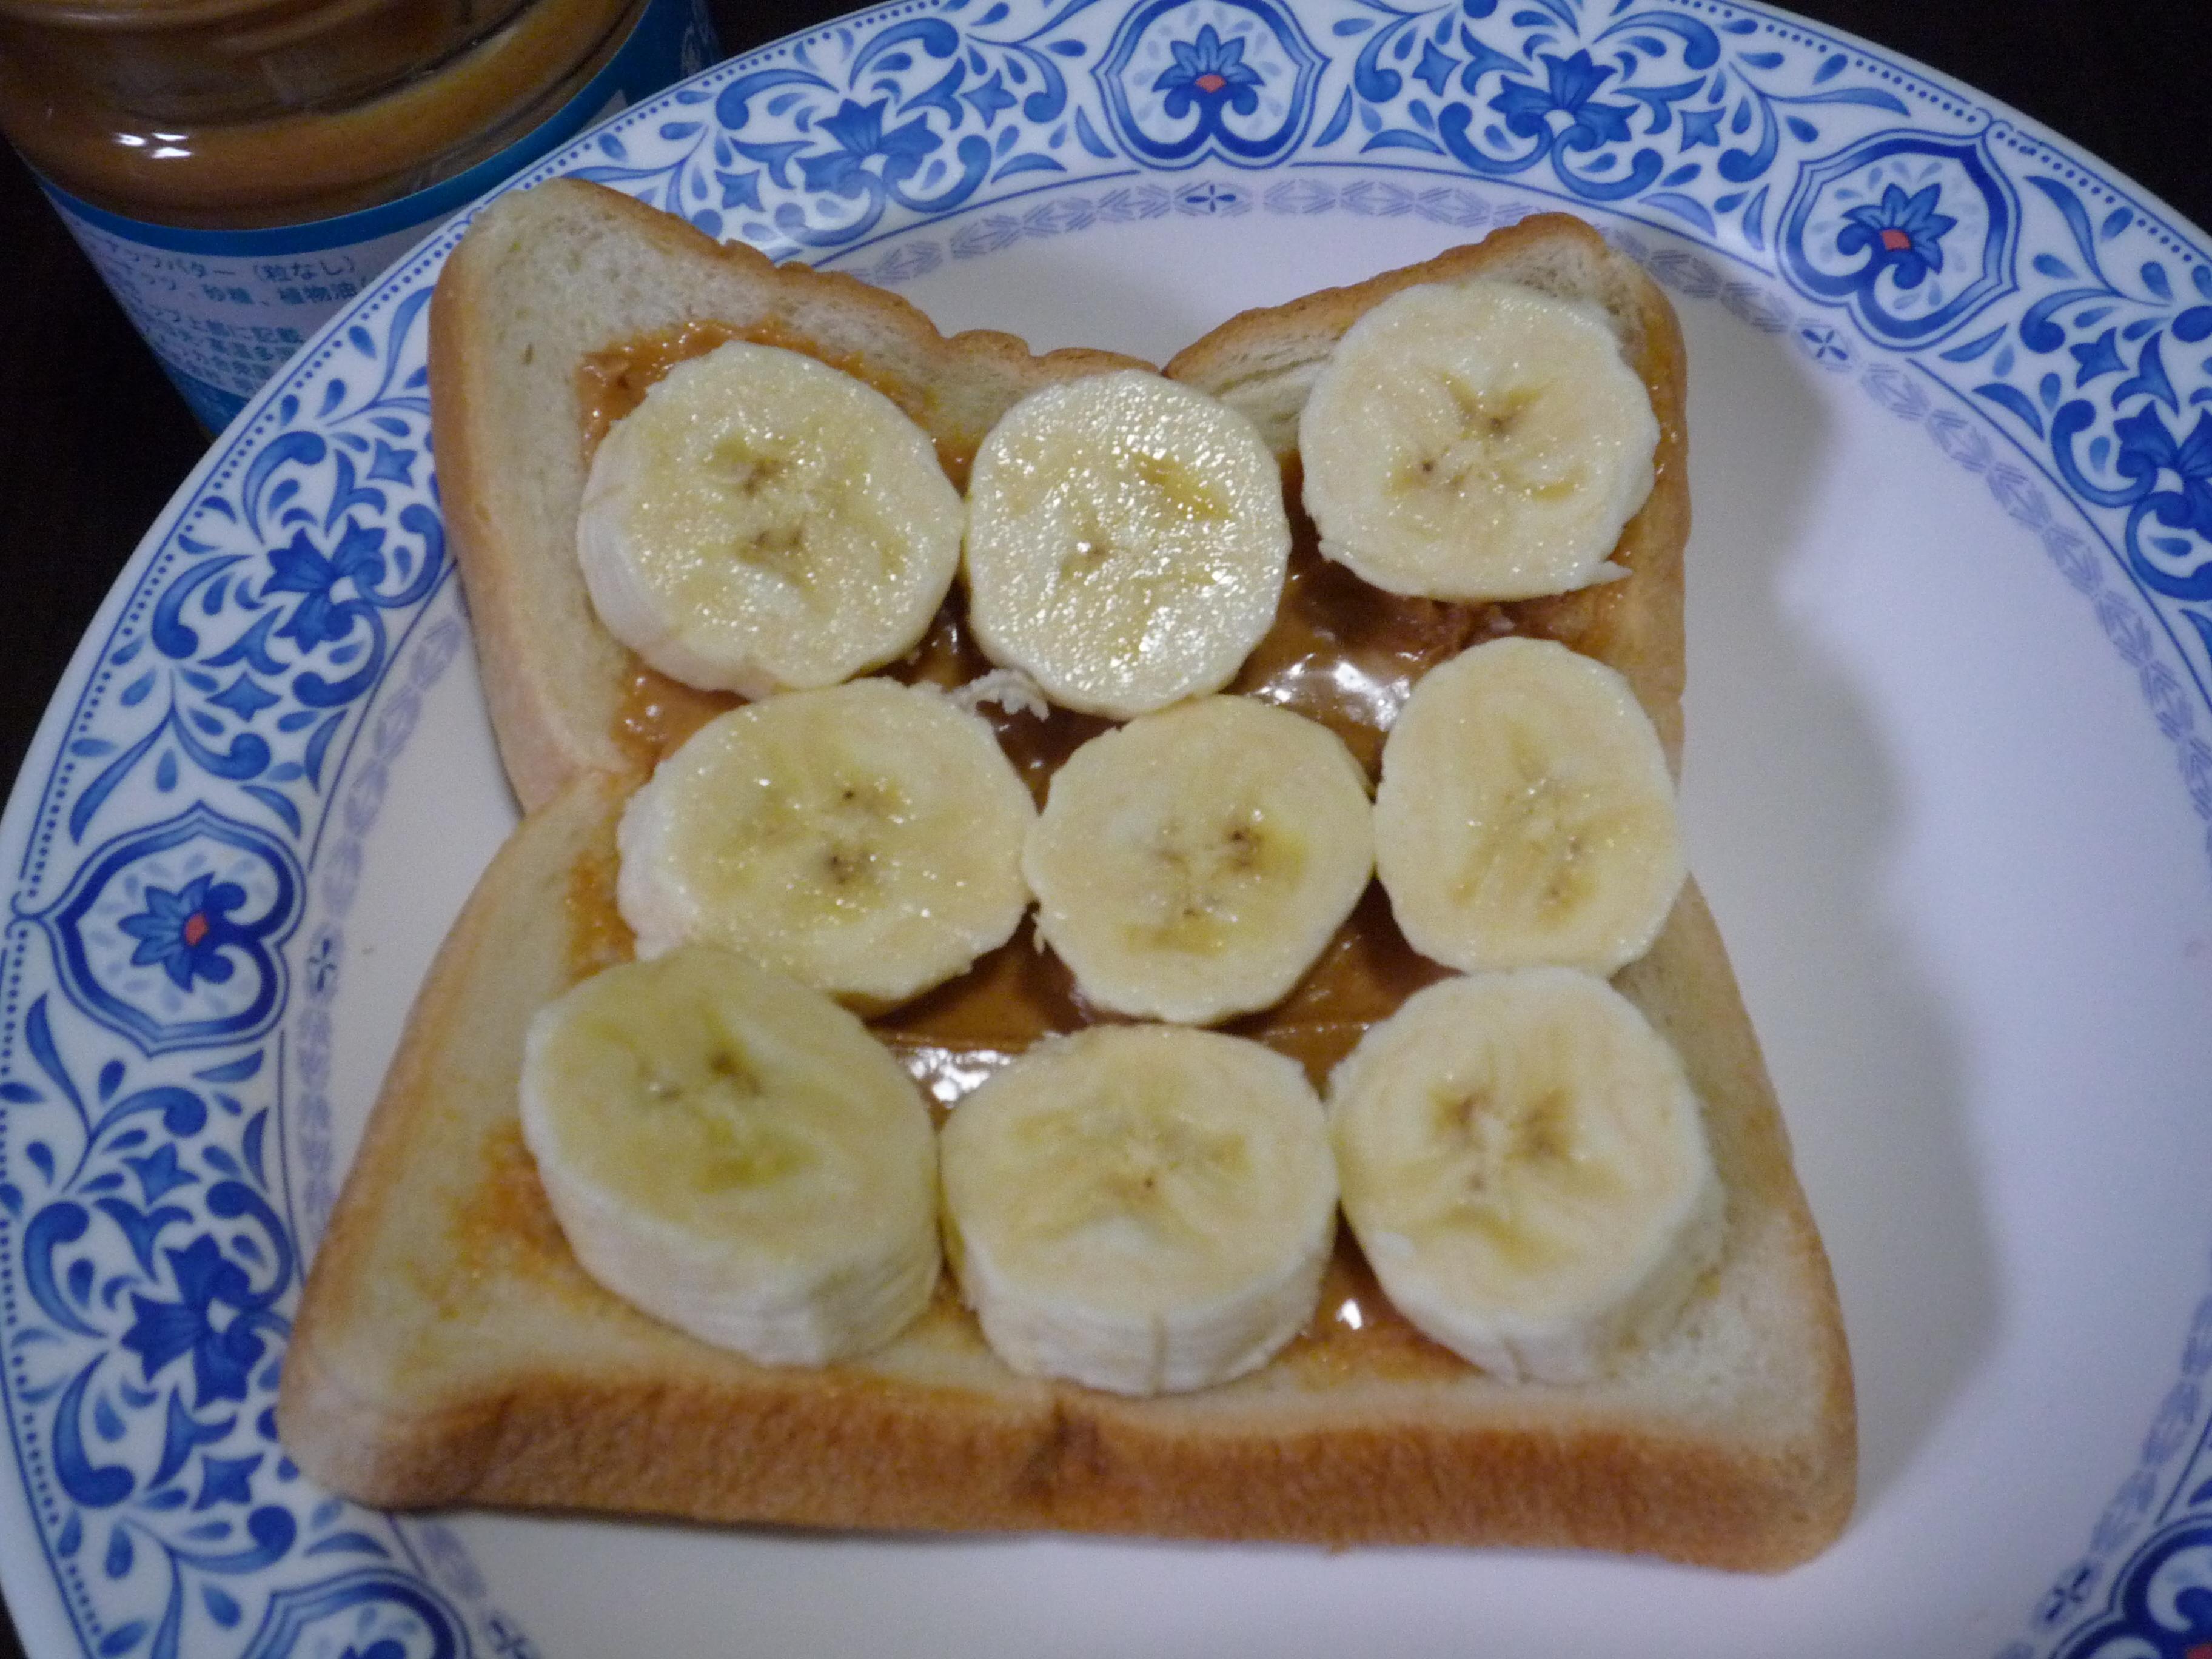 ピーナッツバターとバナナのせトースト3